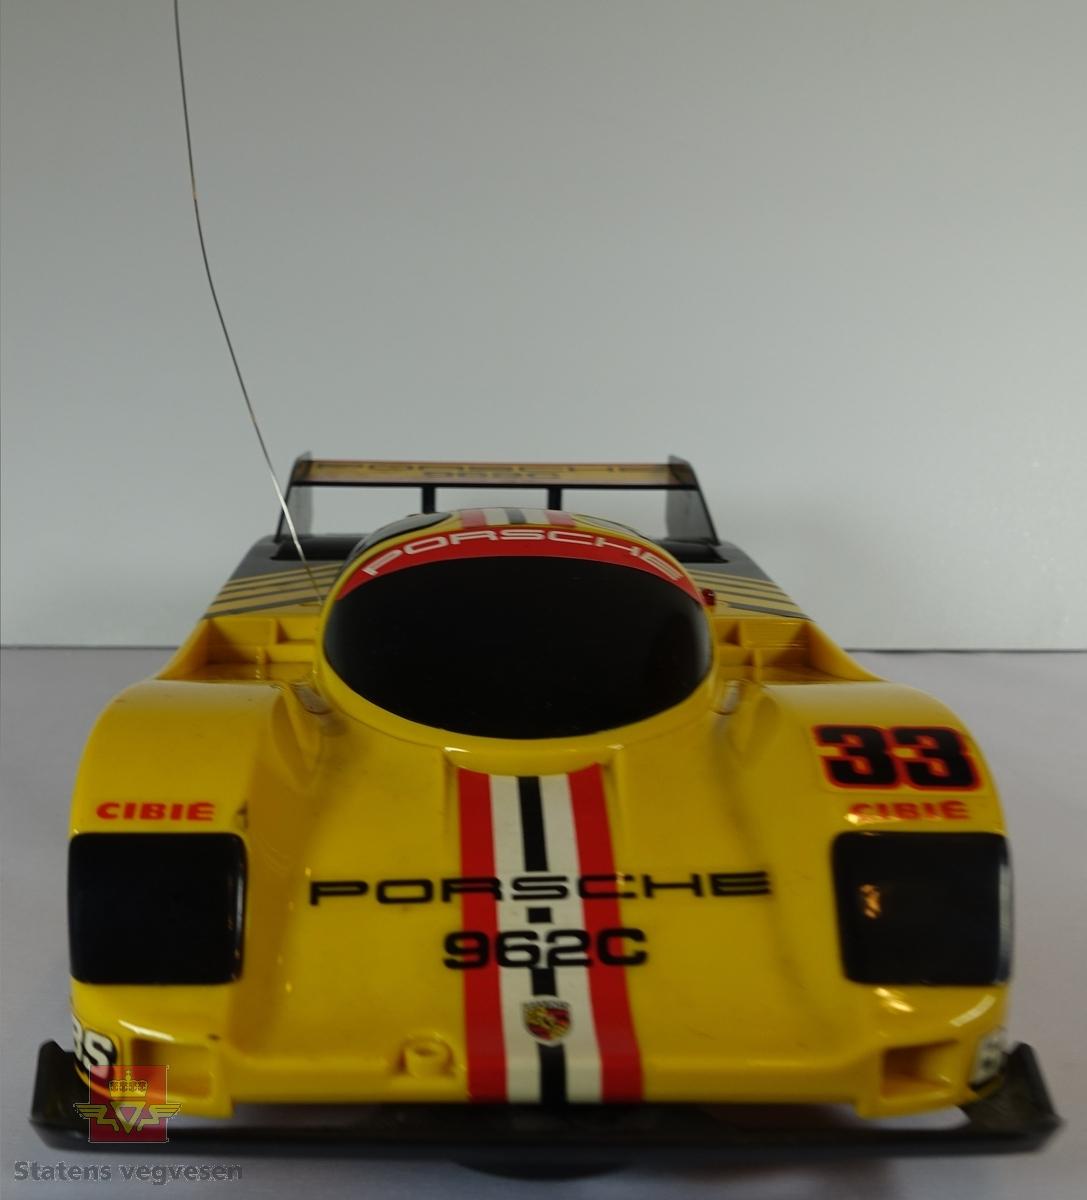 Miniatyr, lekebil i eske. Laget av papp med en slags neon lilla farge. Bilen er nesten helt gul utenom de svarte stripene på bakenden av bilen, kan minne deg om en bie. Skala. 1:12